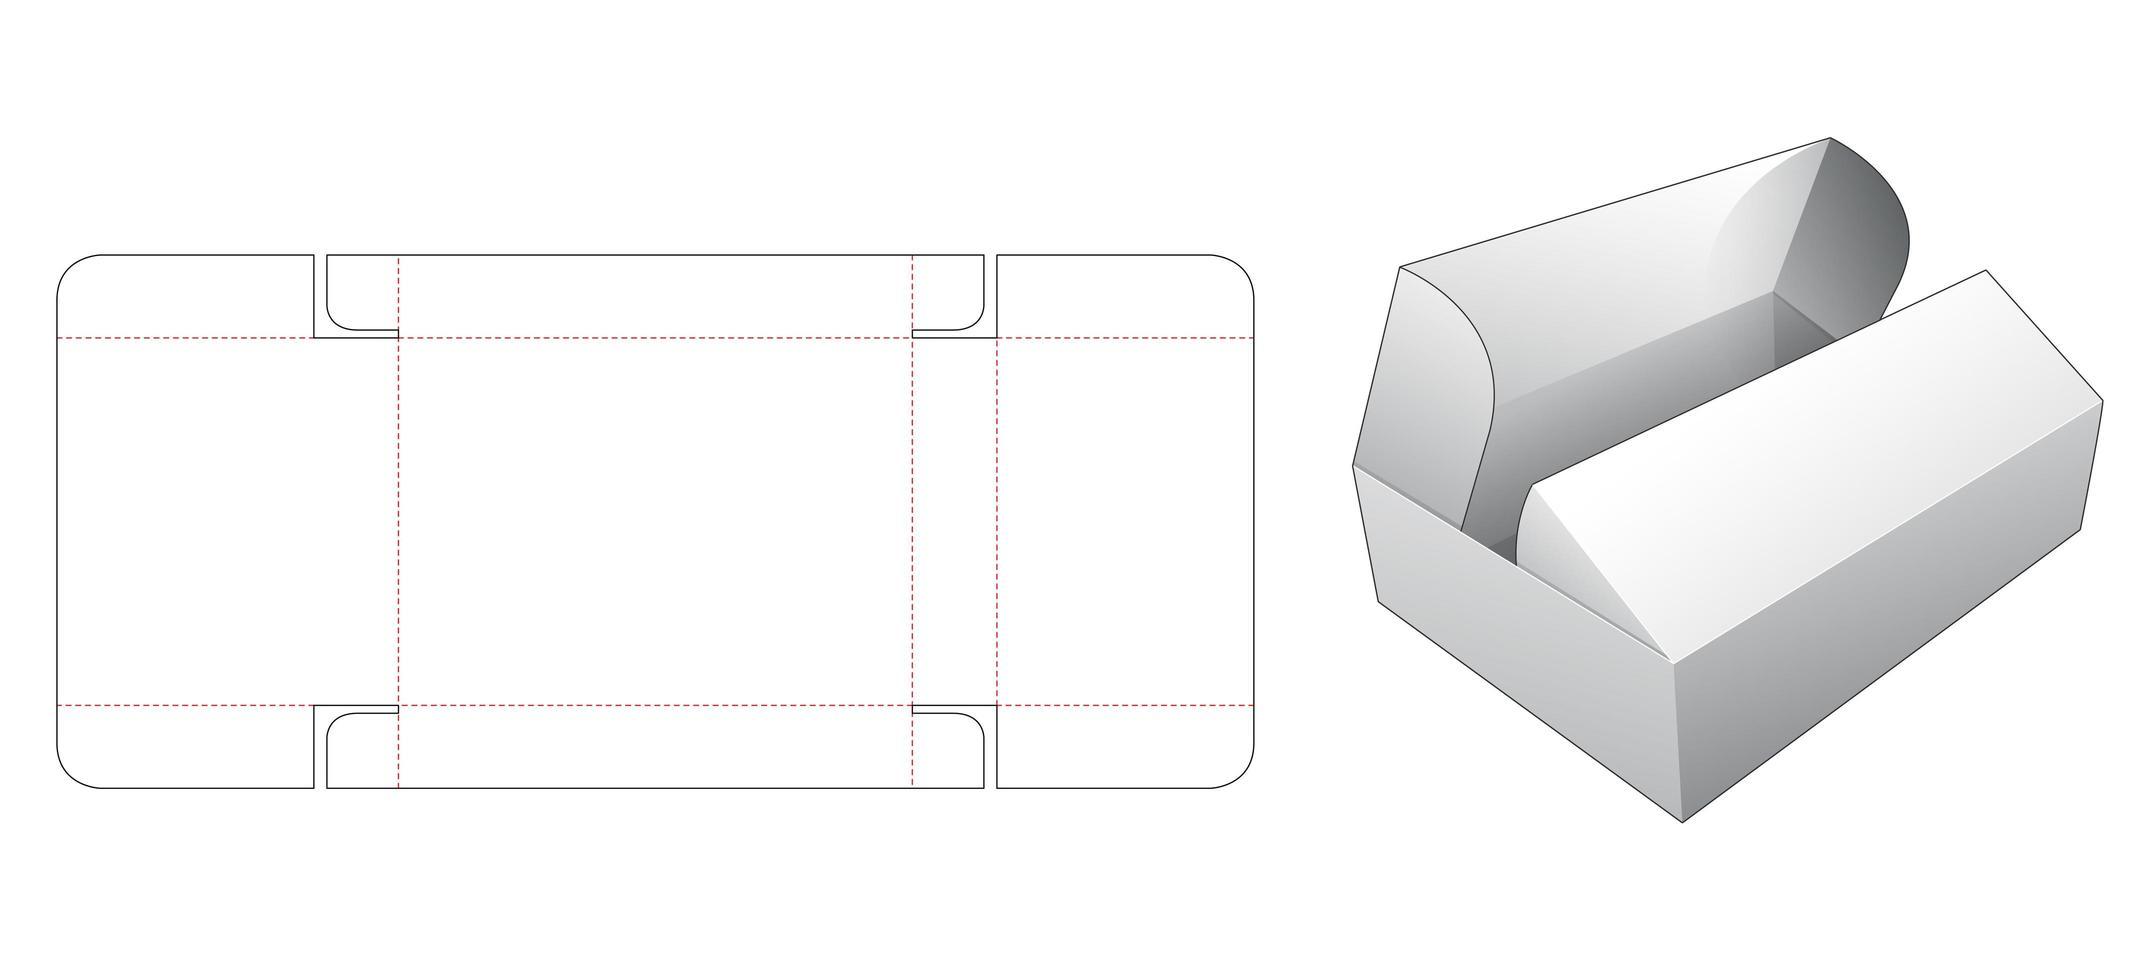 2 Flip-Top-Box vektor